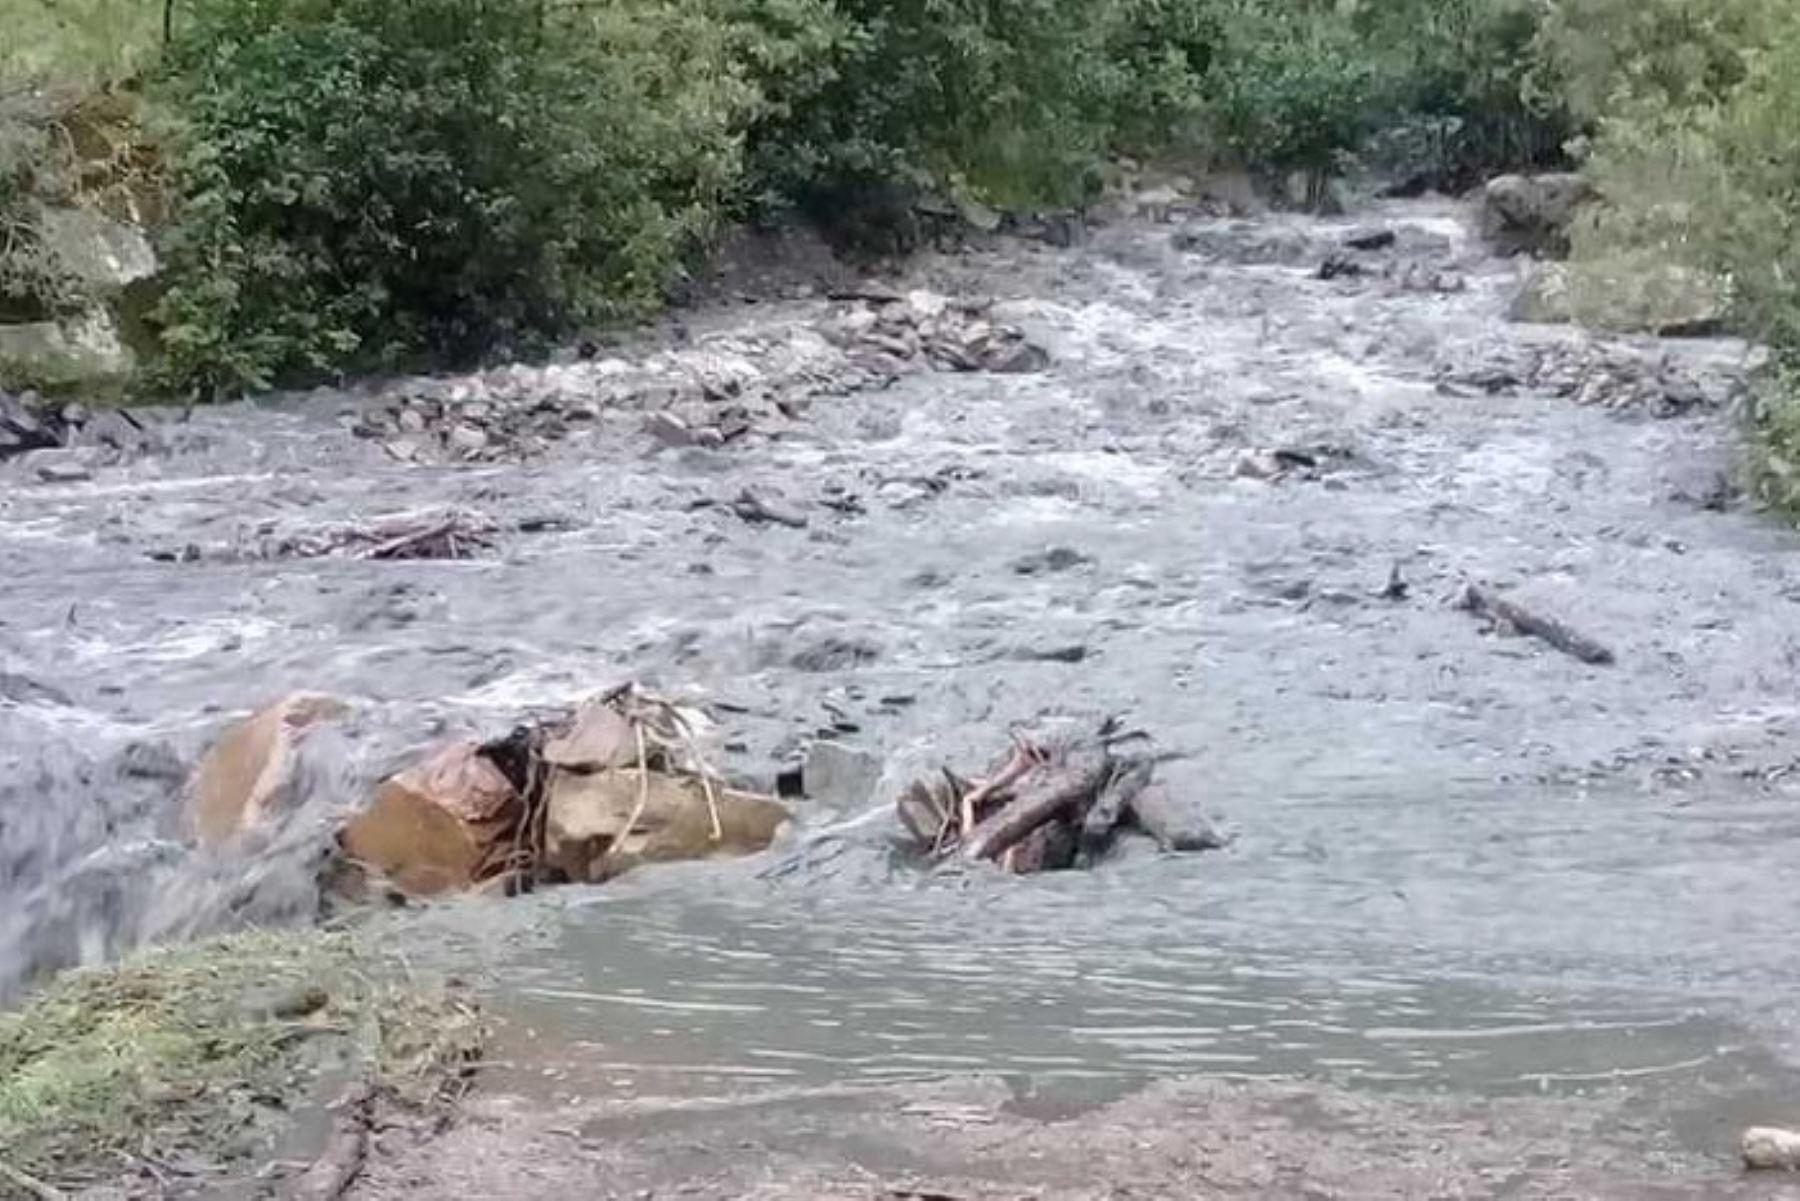 Lluvias intensas han provocado dos derrumbes que afectaron la carretera de acceso a cuatro distritos de la provincia de Pallasca, en la región Áncash.